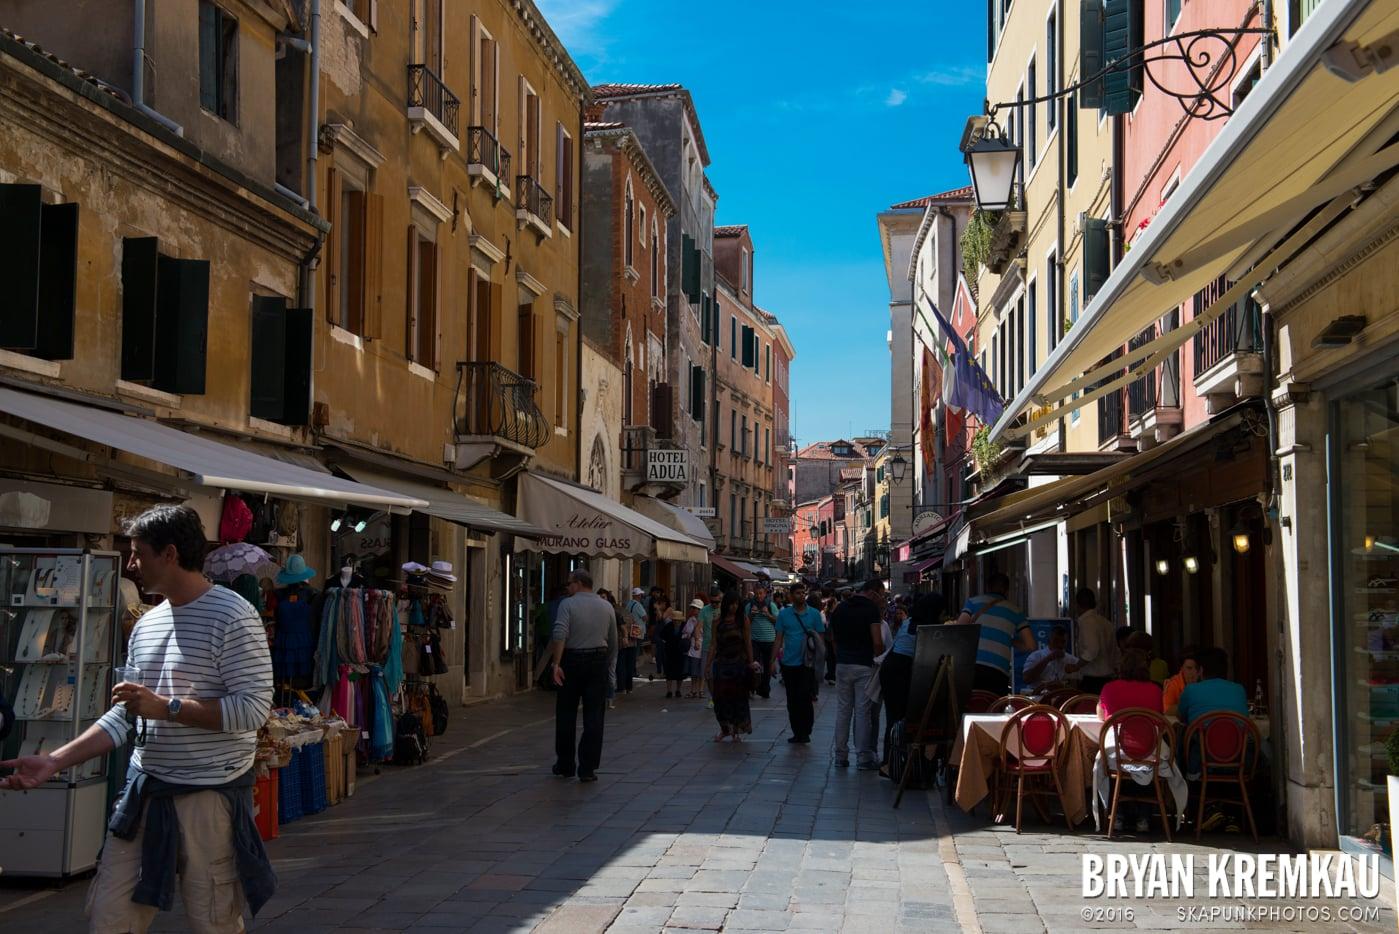 Italy Vacation - Day 5: Venice - 9.13.13 (56)